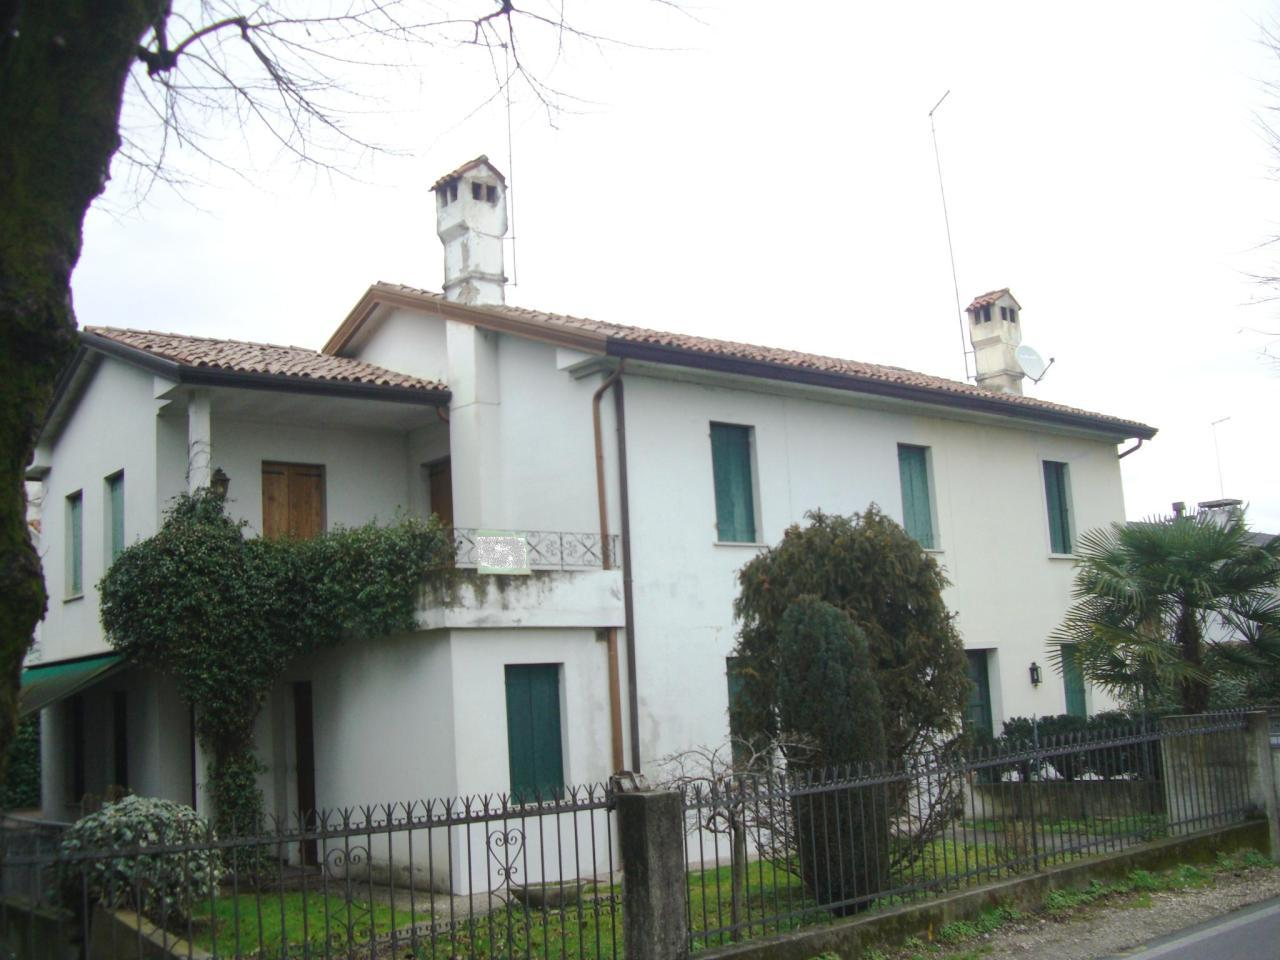 Soluzione Indipendente in vendita a Castelfranco Veneto, 11 locali, prezzo € 255.000 | CambioCasa.it